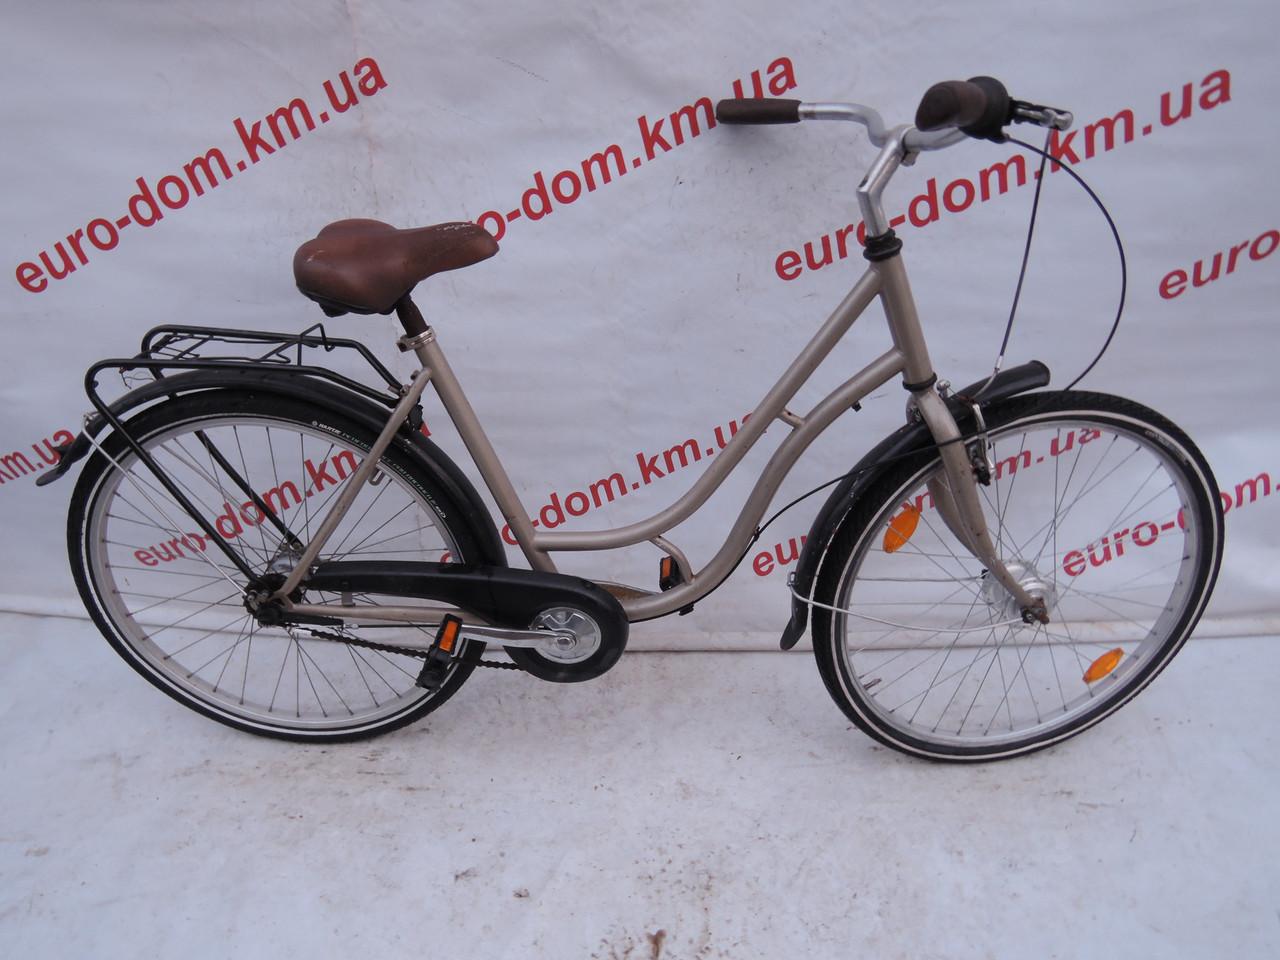 Городской велосипед Biria 26 колеса 3 скорости на планетарке